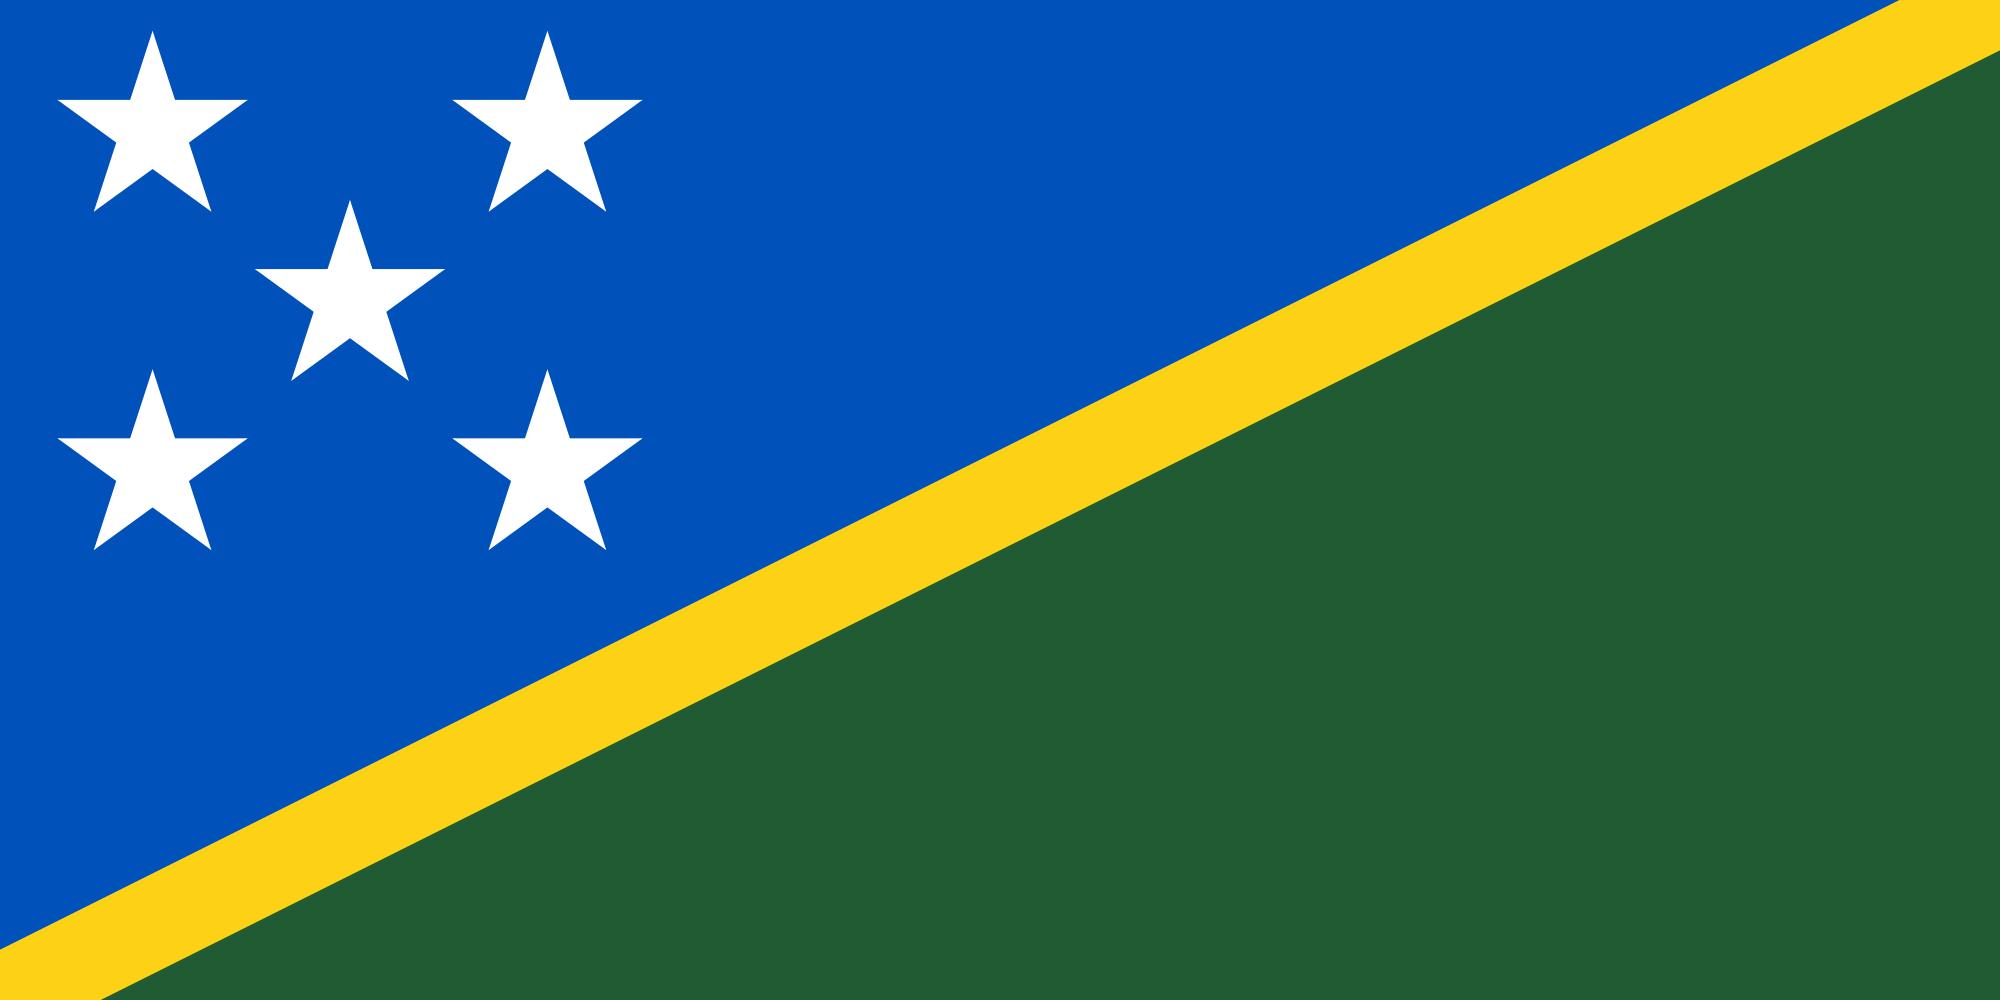 Flagge Salomon